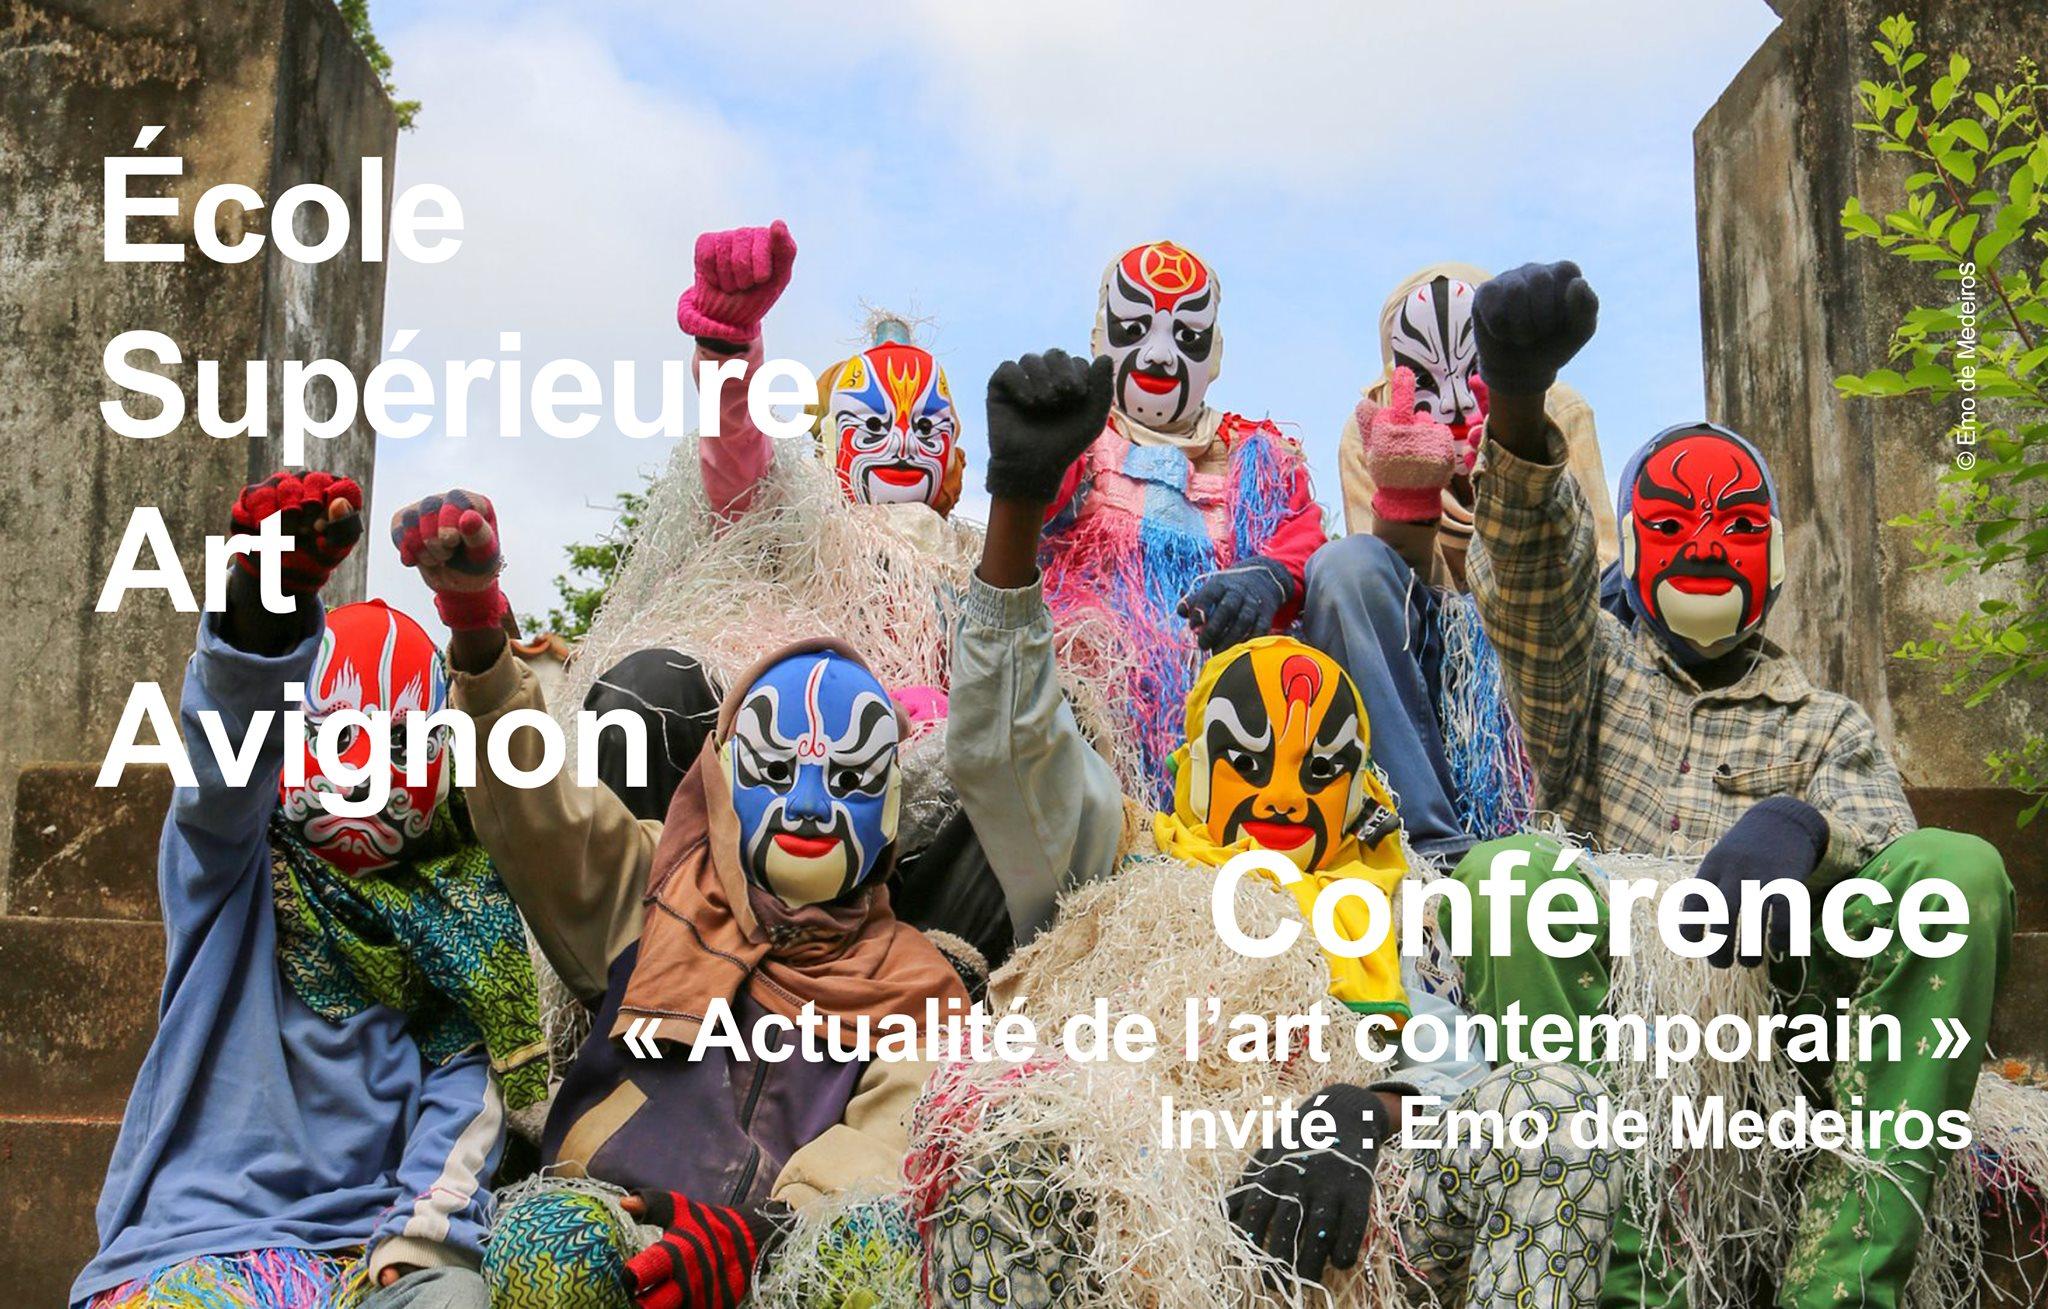 Conférence | Actualité de l'art contemporain | Emo de Medeiros